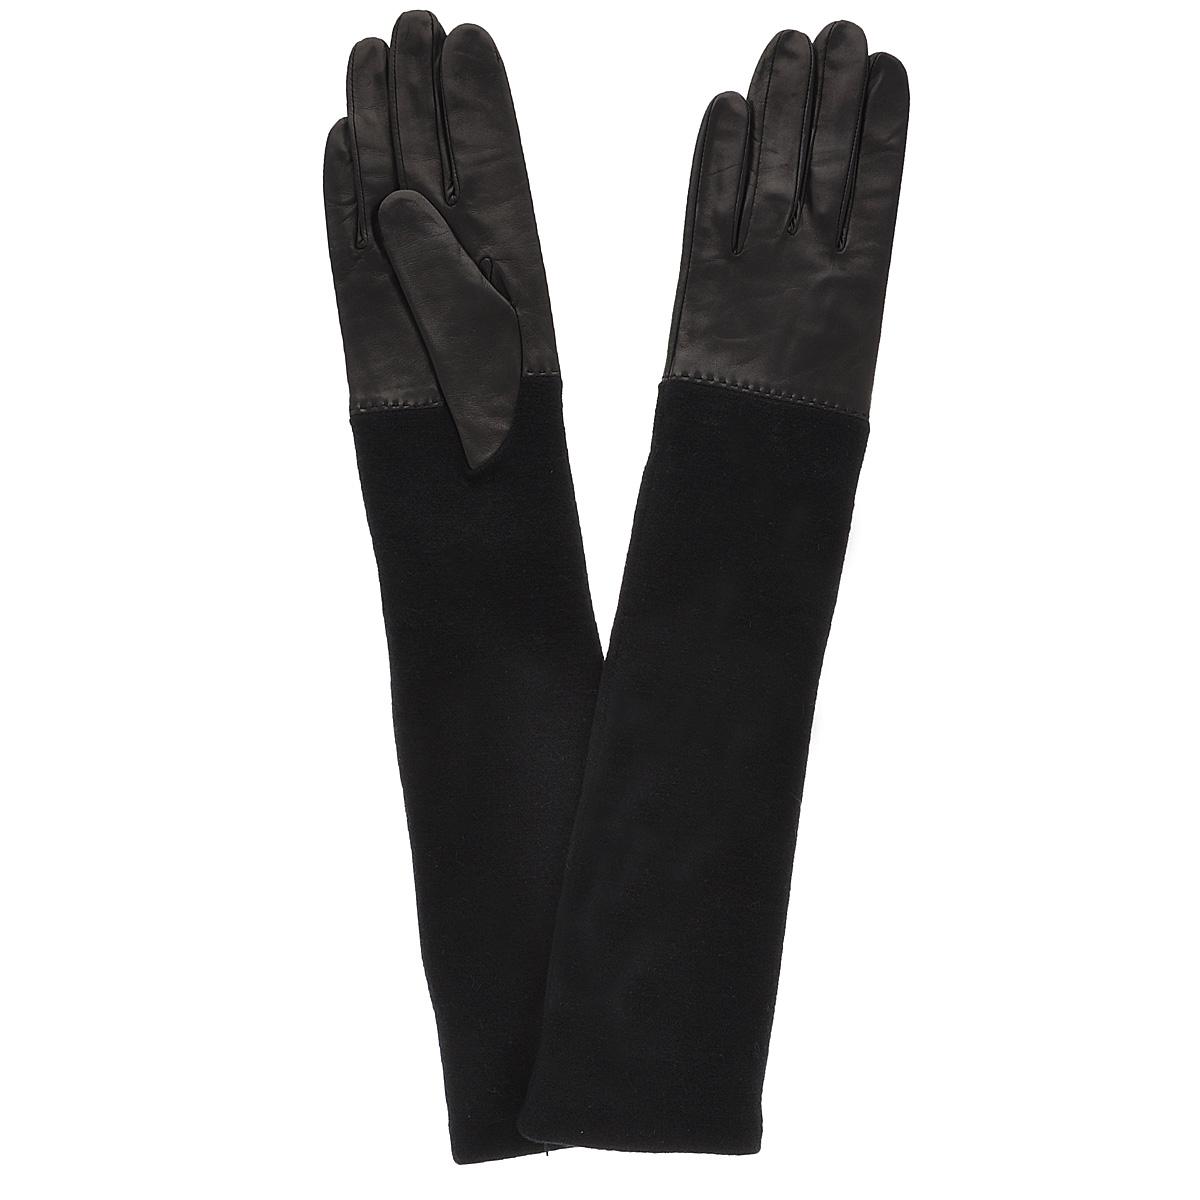 Перчатки81_OSTA_29/BLСтильные удлиненные перчатки Dali Exclusive выполнены из мягкой и приятной на ощупь натуральной кожи ягненка с текстильными манжетами и подкладкой из шелка. Такие перчатки подчеркнут ваш стиль и неповторимость.